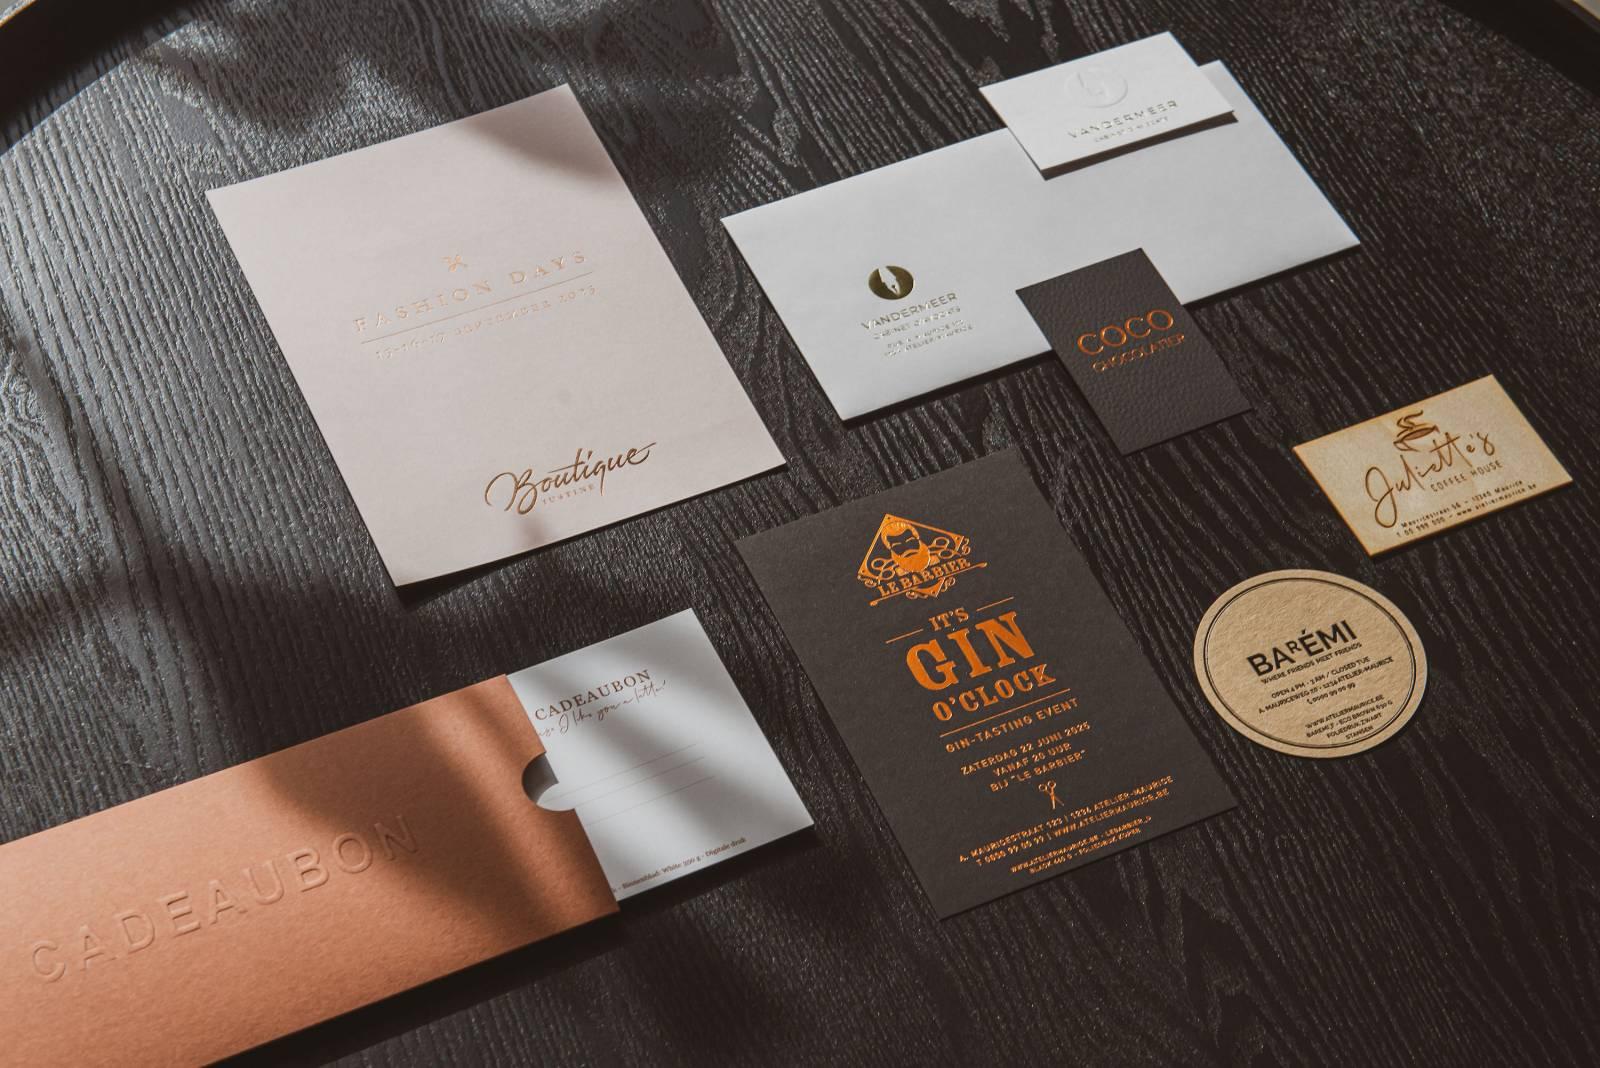 Atelier Maurice - Celien Decloedt - Trouwuitnodigingen en drukwerk - House of Weddings 12